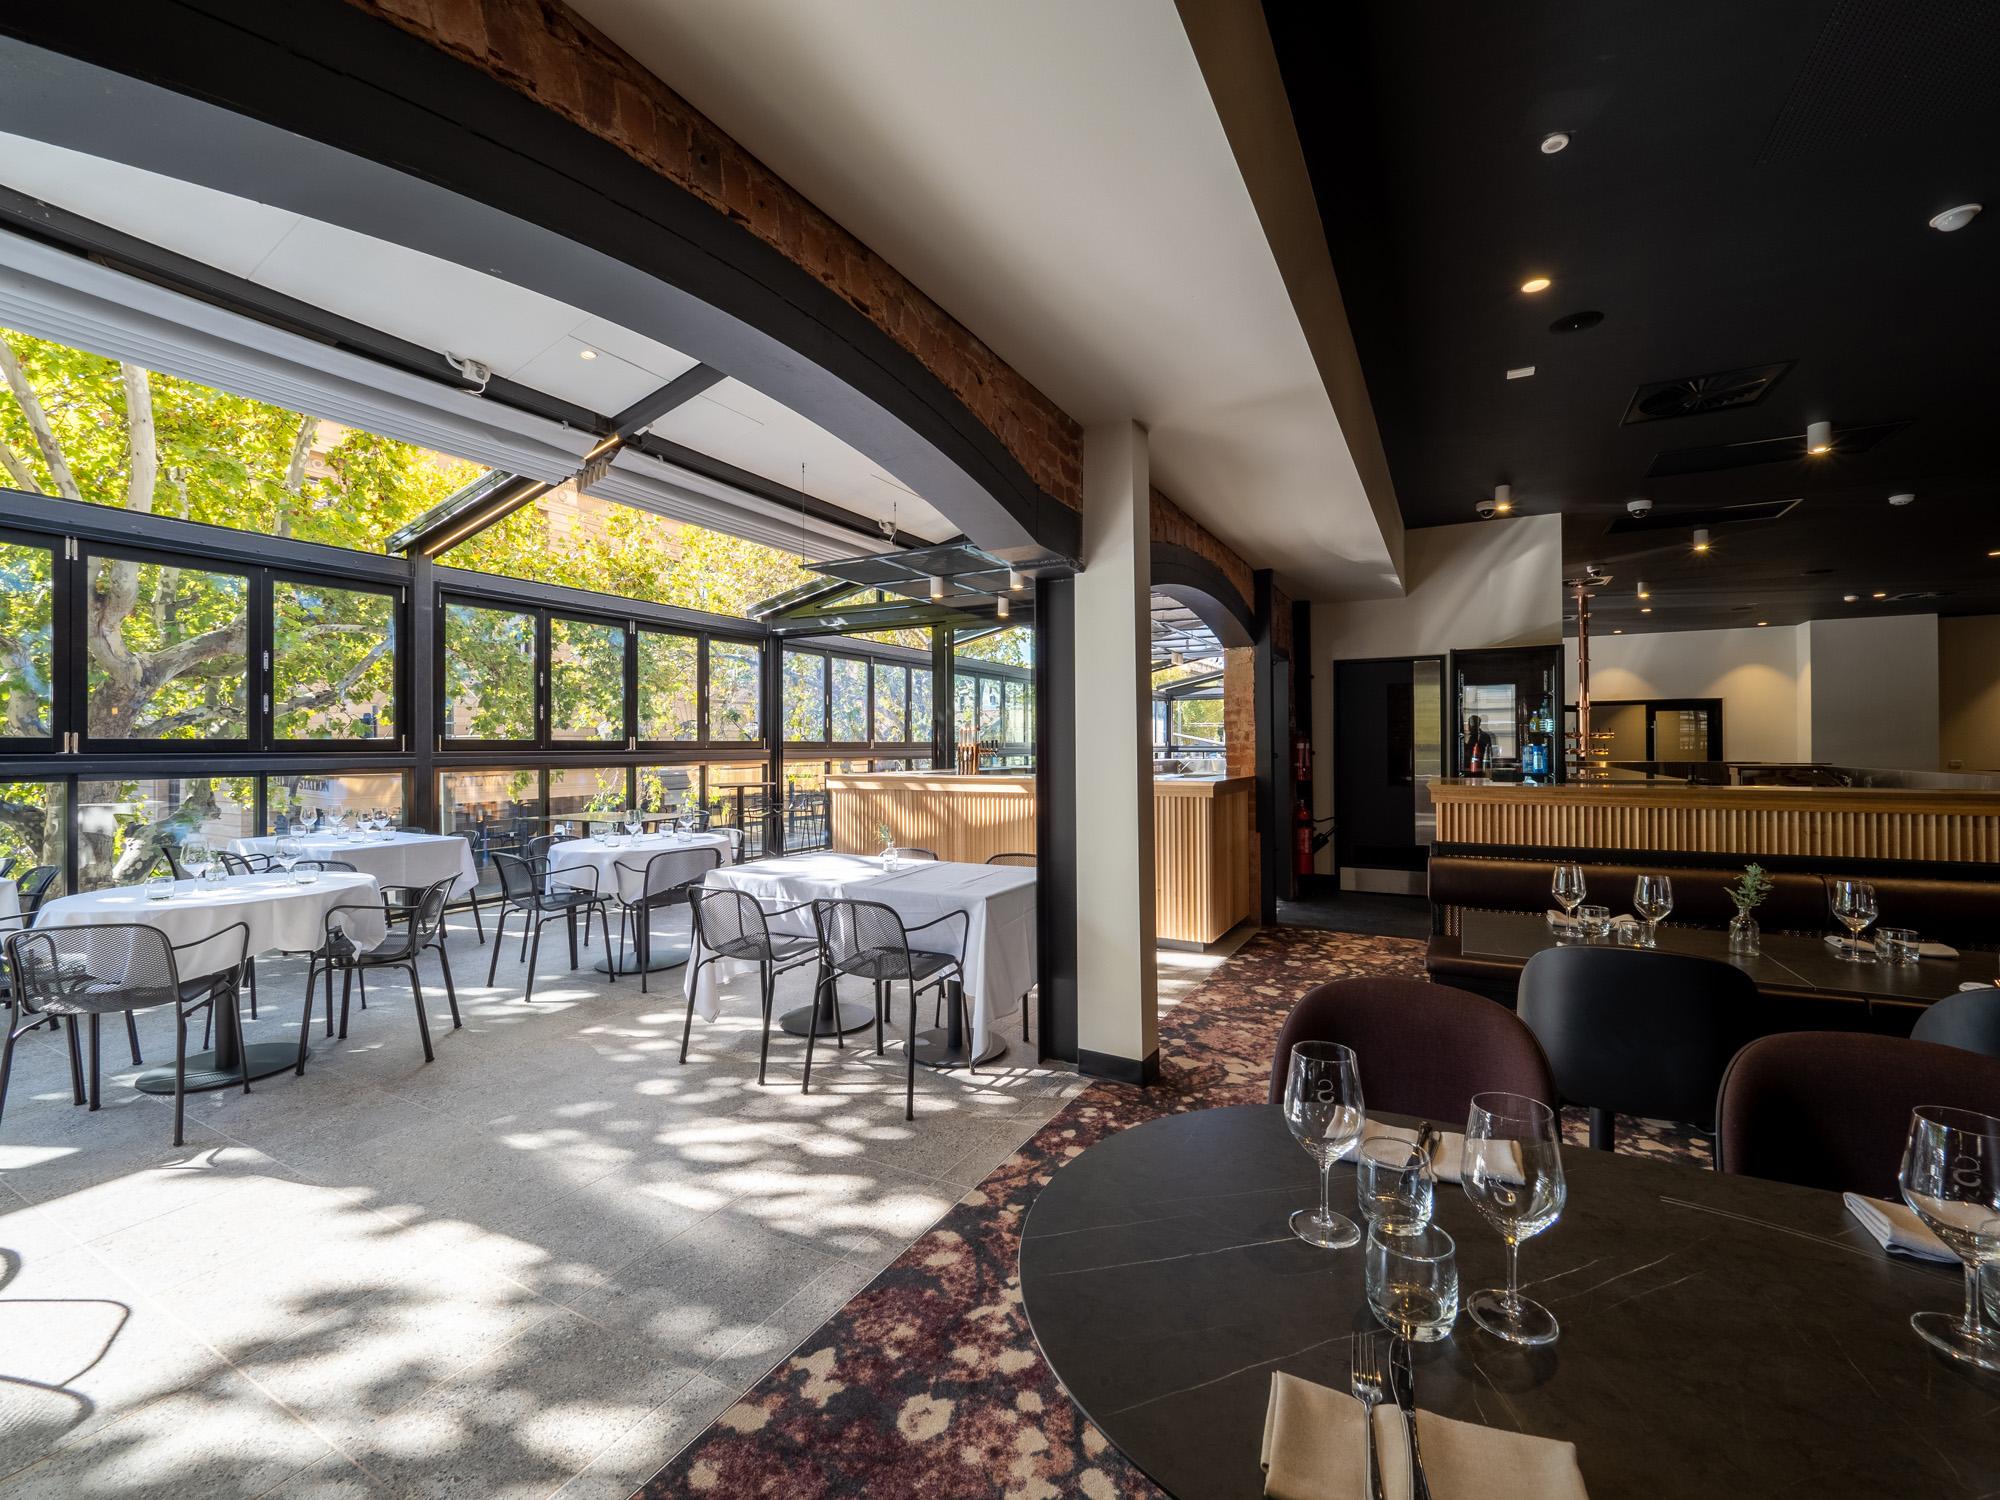 strathmore hotel adelaide verandah bar and dining